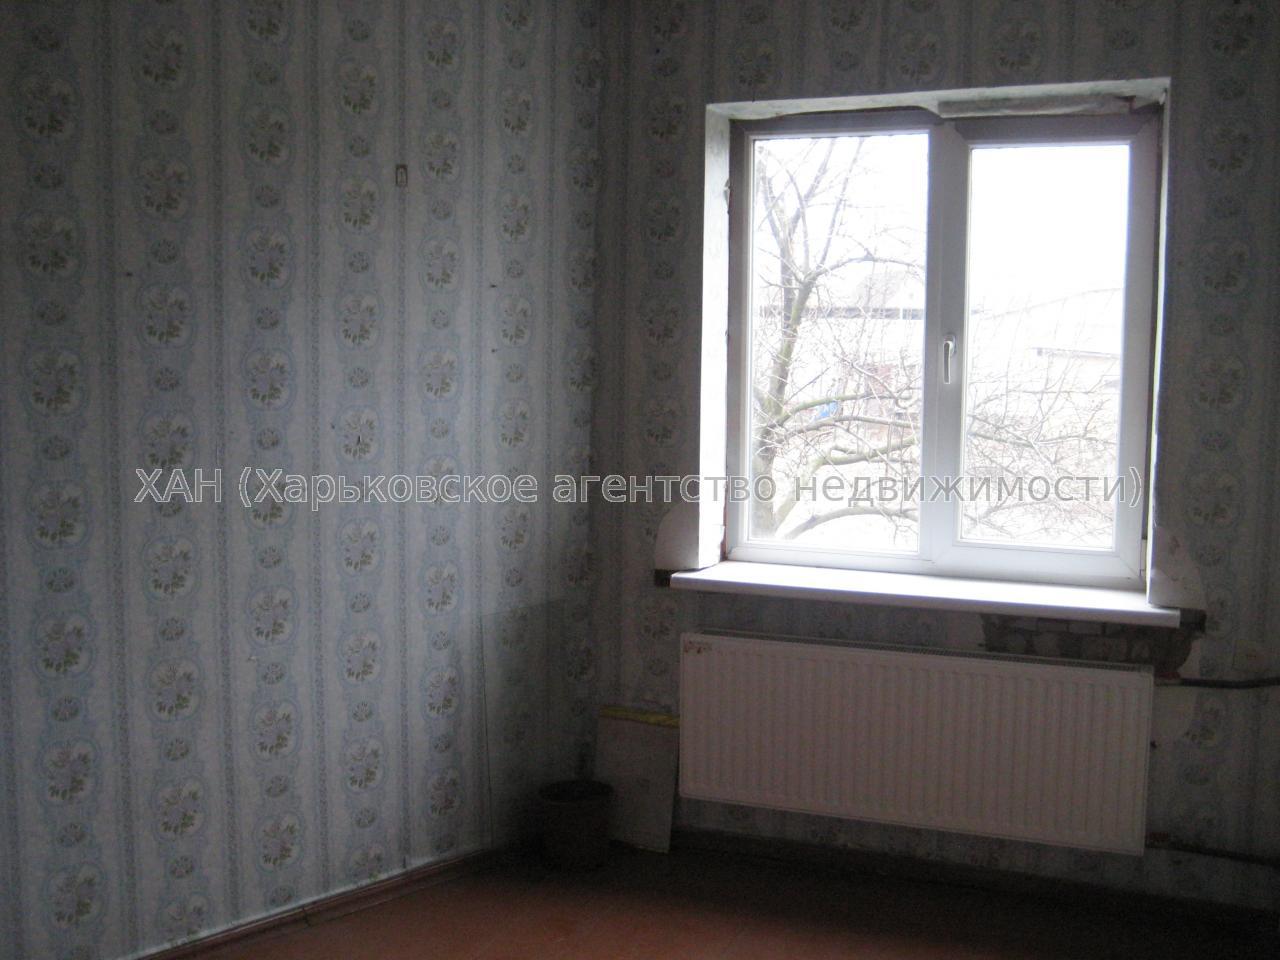 Продам дом Харьков, Староверещаковская ул. 5